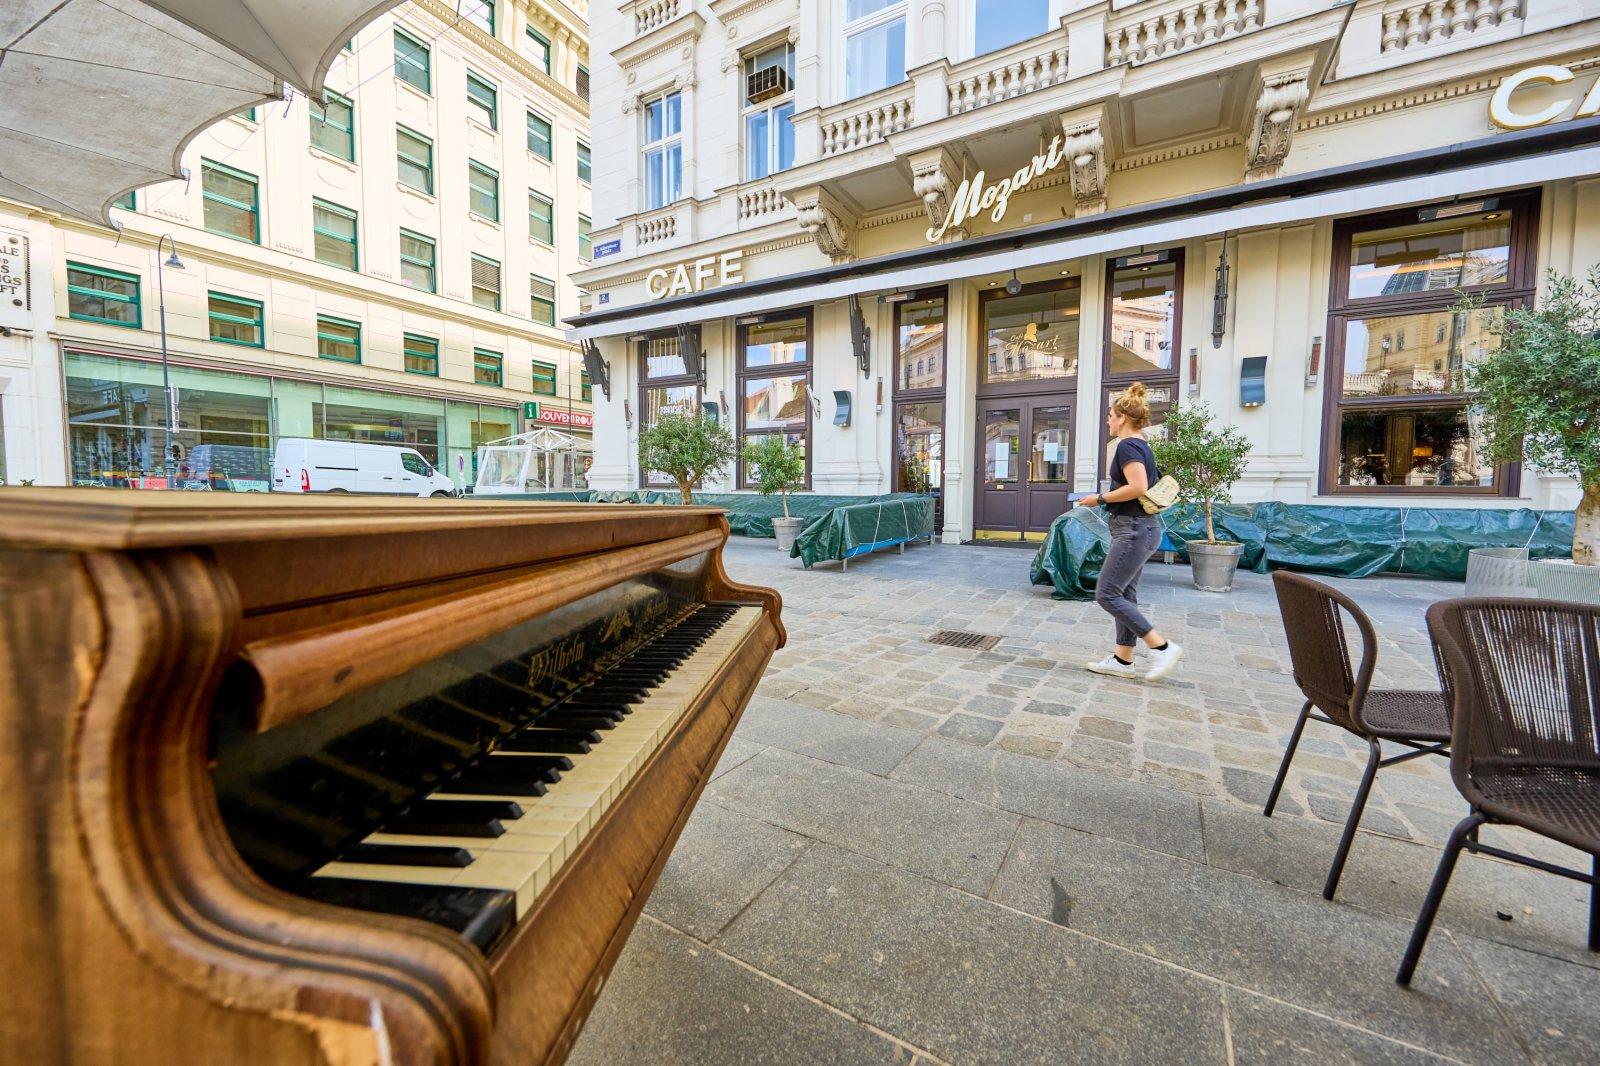 4月1日,在奧地利維也納,行人從一家關閉的咖啡館旁走過。(新華社)